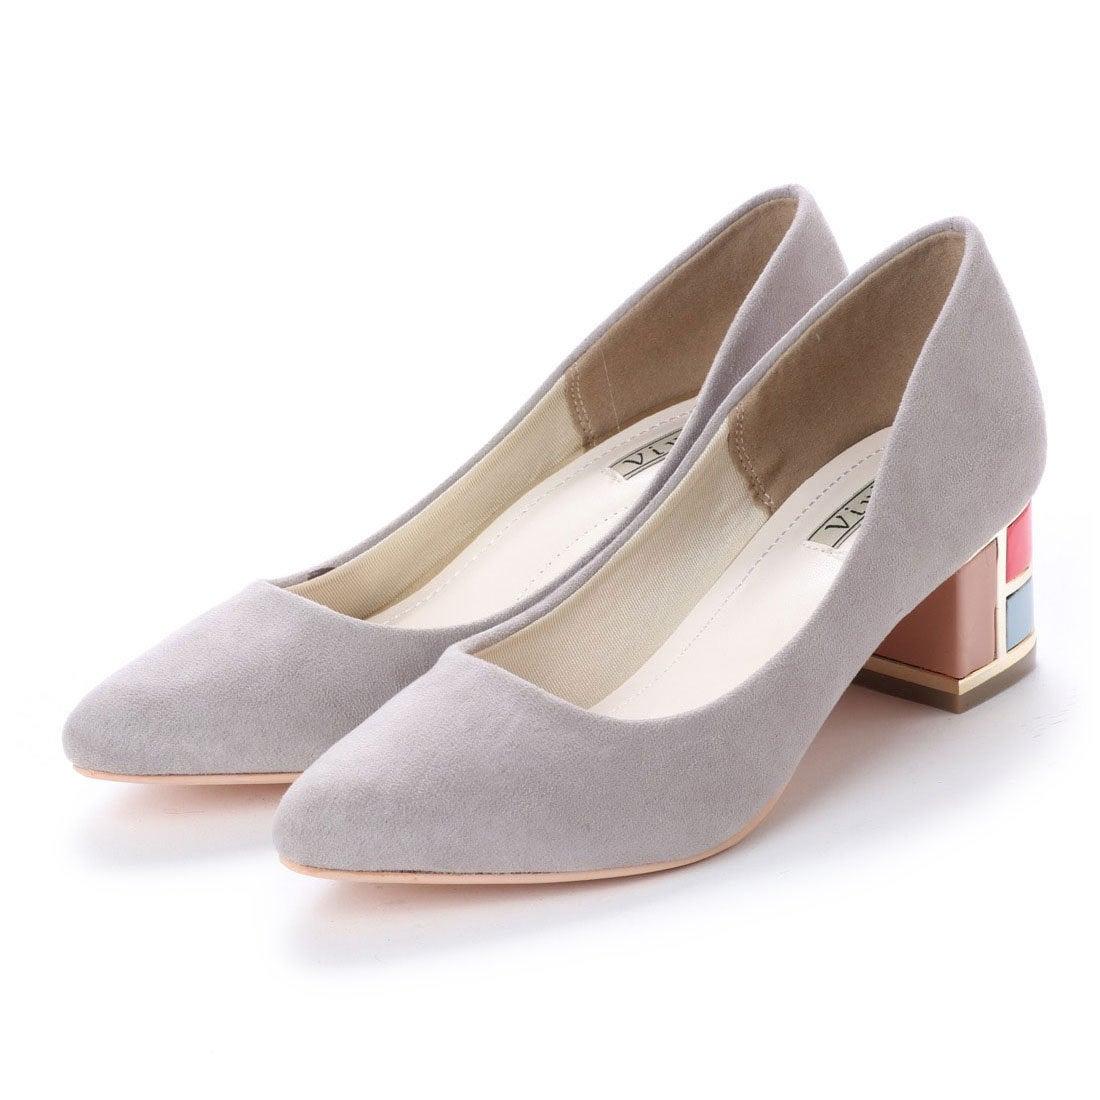 c78c0d754e779 ヴィヴィアン Vivian カラーモザイクヒールプレーンパンプス (グレースエード) -靴&ファッション通販 ロコンド〜自宅で試着、気軽に返品